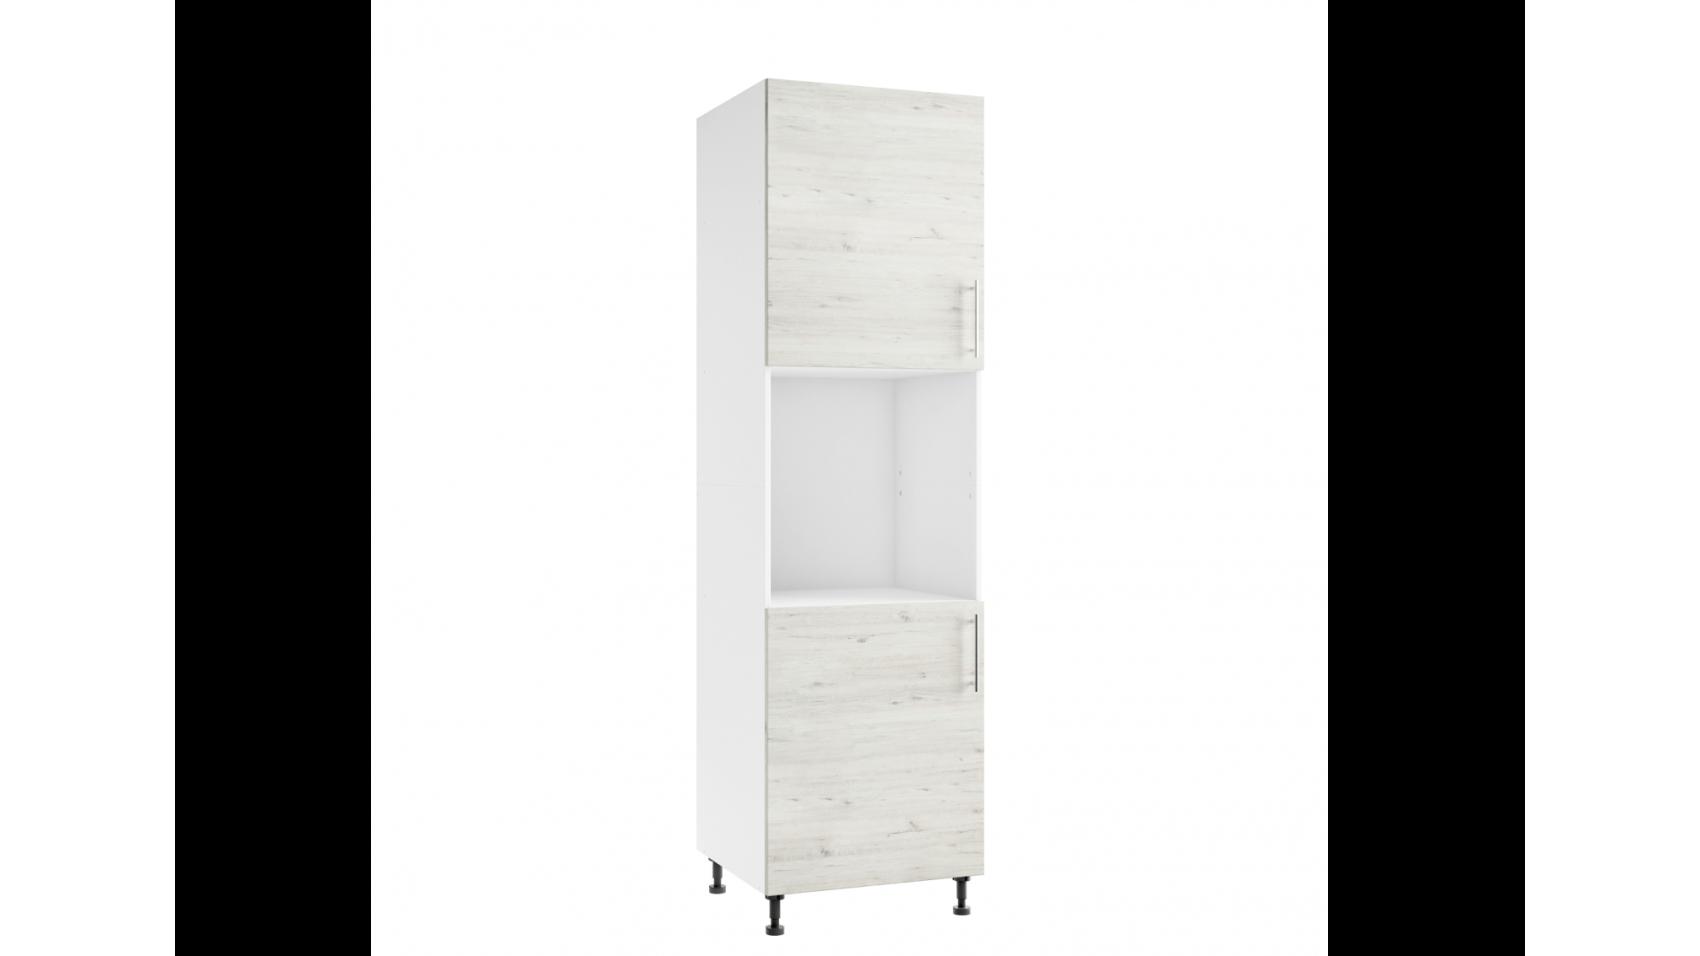 Kuchenne szafy wysokie Luna Cortona | sklep internetowy Lupus ECO